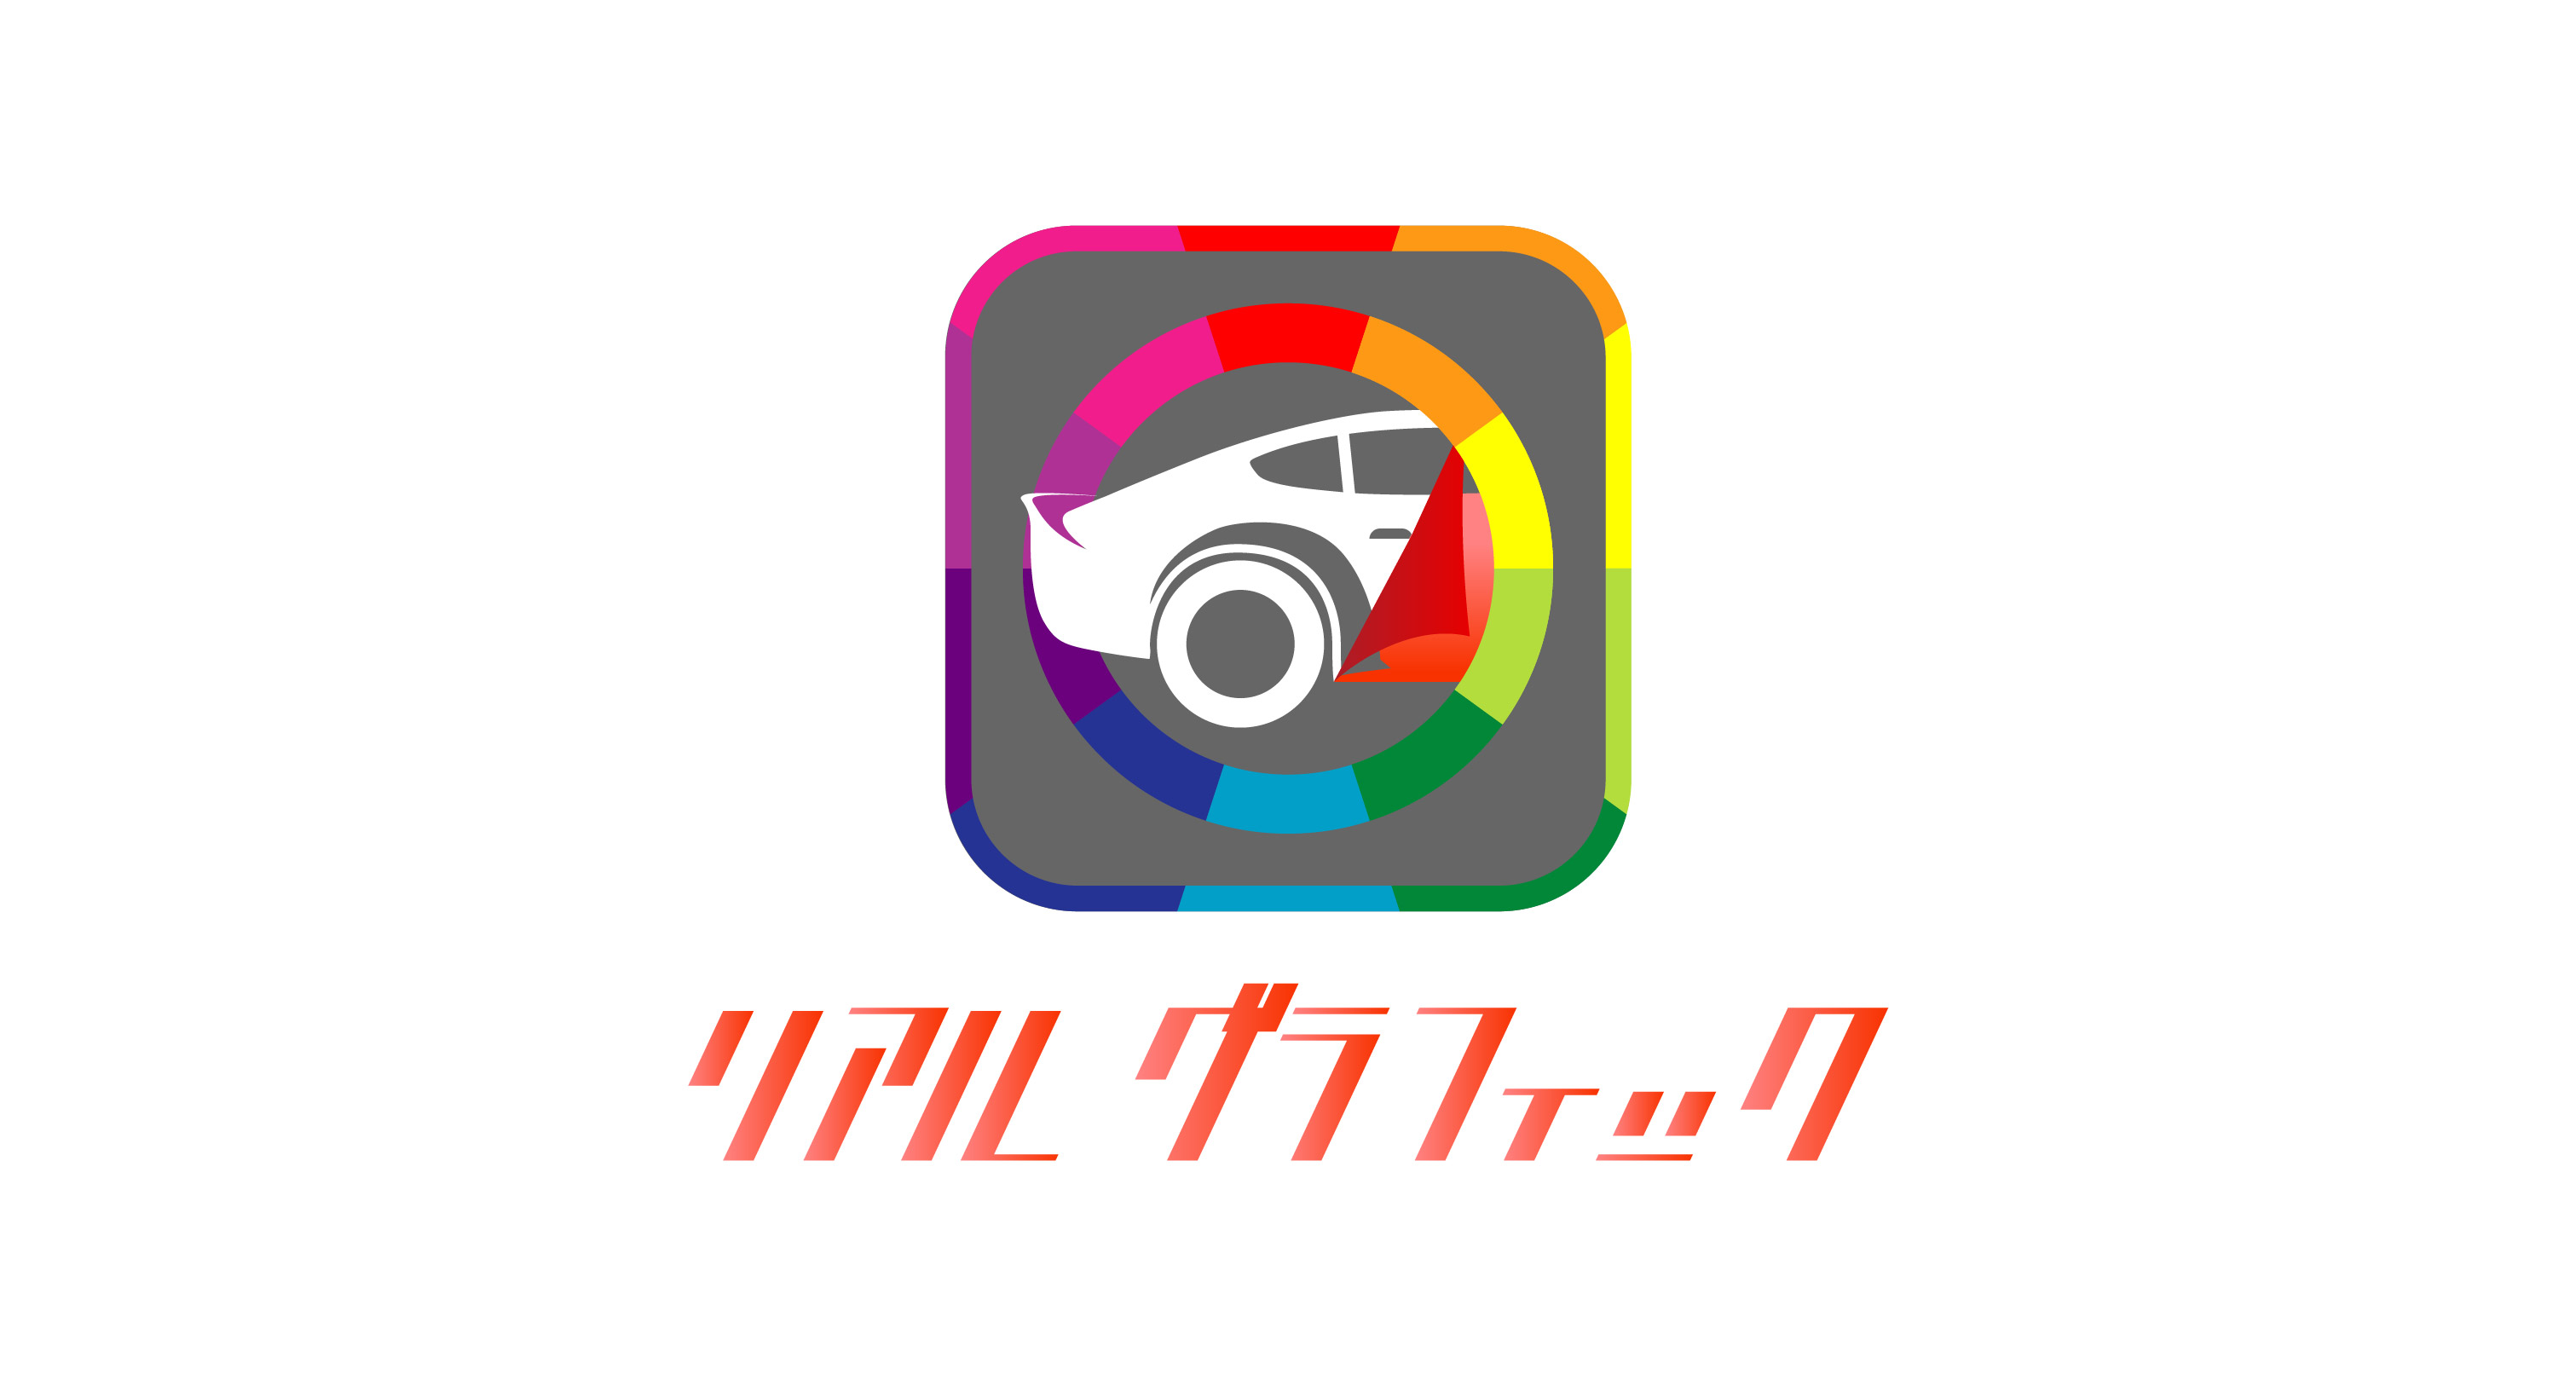 【痛車】|【ランボルギーニ】|VTuber|Vチューバー|ラッピングカー|カーラッピング|車塗装|リアルグラフィック|痛車クエストファクトリー|エコガレージ|BMW専門カーラッピング|スープラ|ポルシェ|ベンツ ゲレンデ|痛車|広告車|営業車|宣伝車|カーマーキング|ベンツカーラッピング|BMWカーラッピング|痛車クエストファクトリー|ラッピングカー|車ステッカー|カーラッピング・ステッカー専門洗車用品|のらいも工房|トリプルエイト販売店|アニメ|コスプレ|デザイン|痛車ステッカー|痛ステッカー|